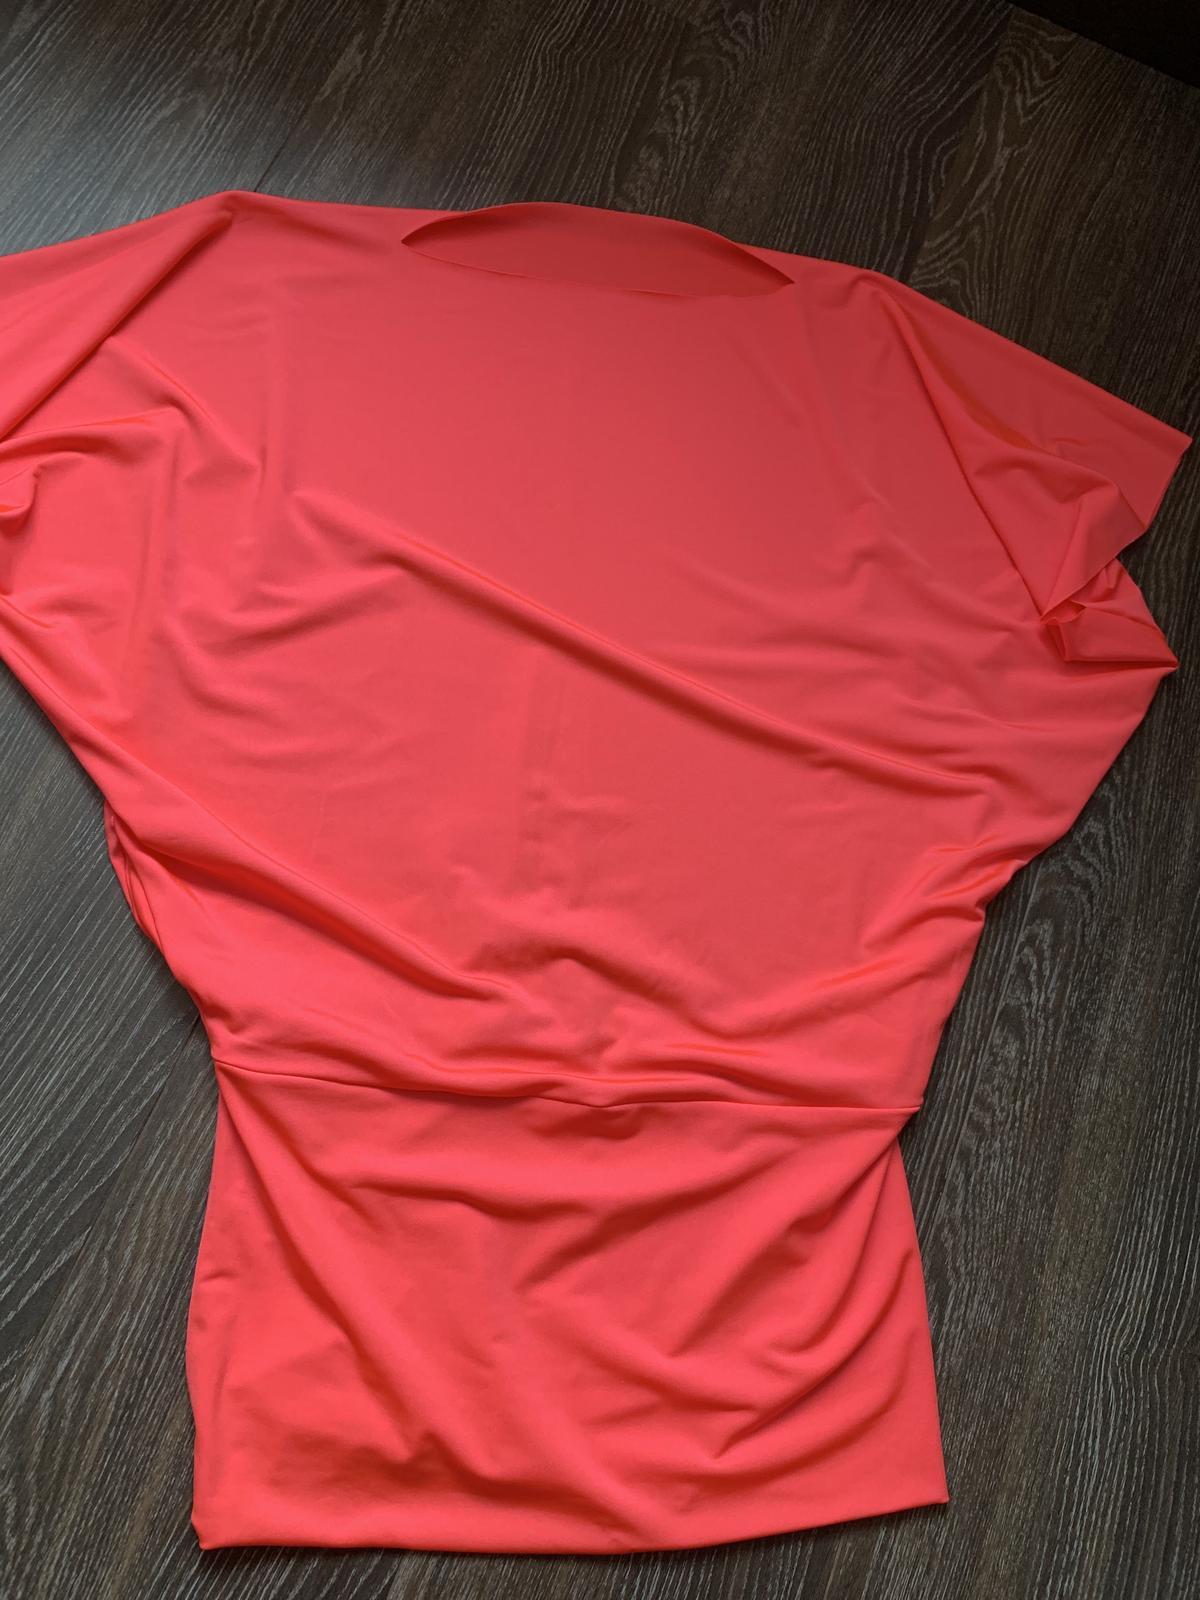 Sametové šaty - Obrázok č. 2